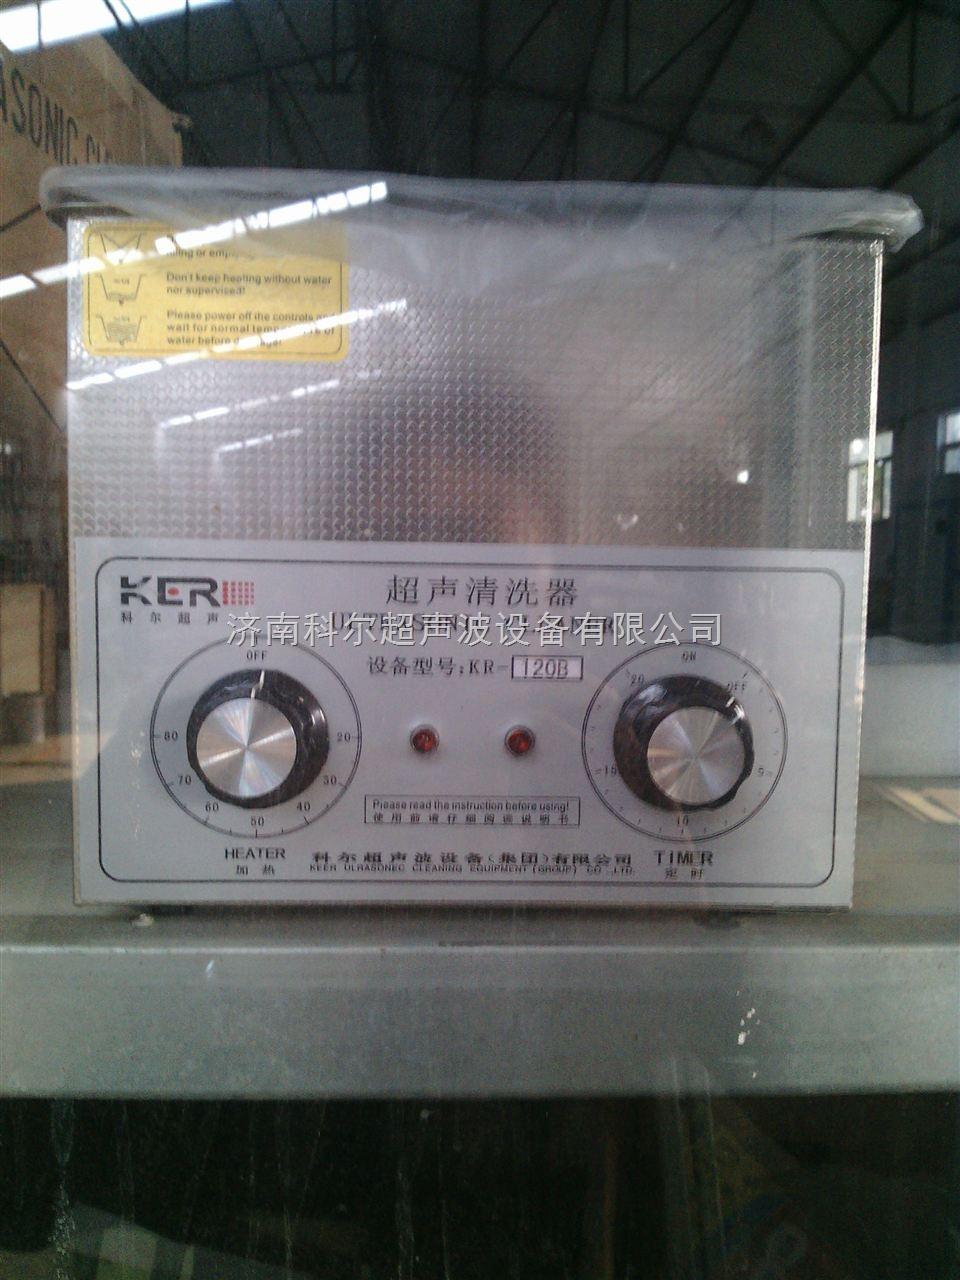 kr 机械定时超声波清洗器